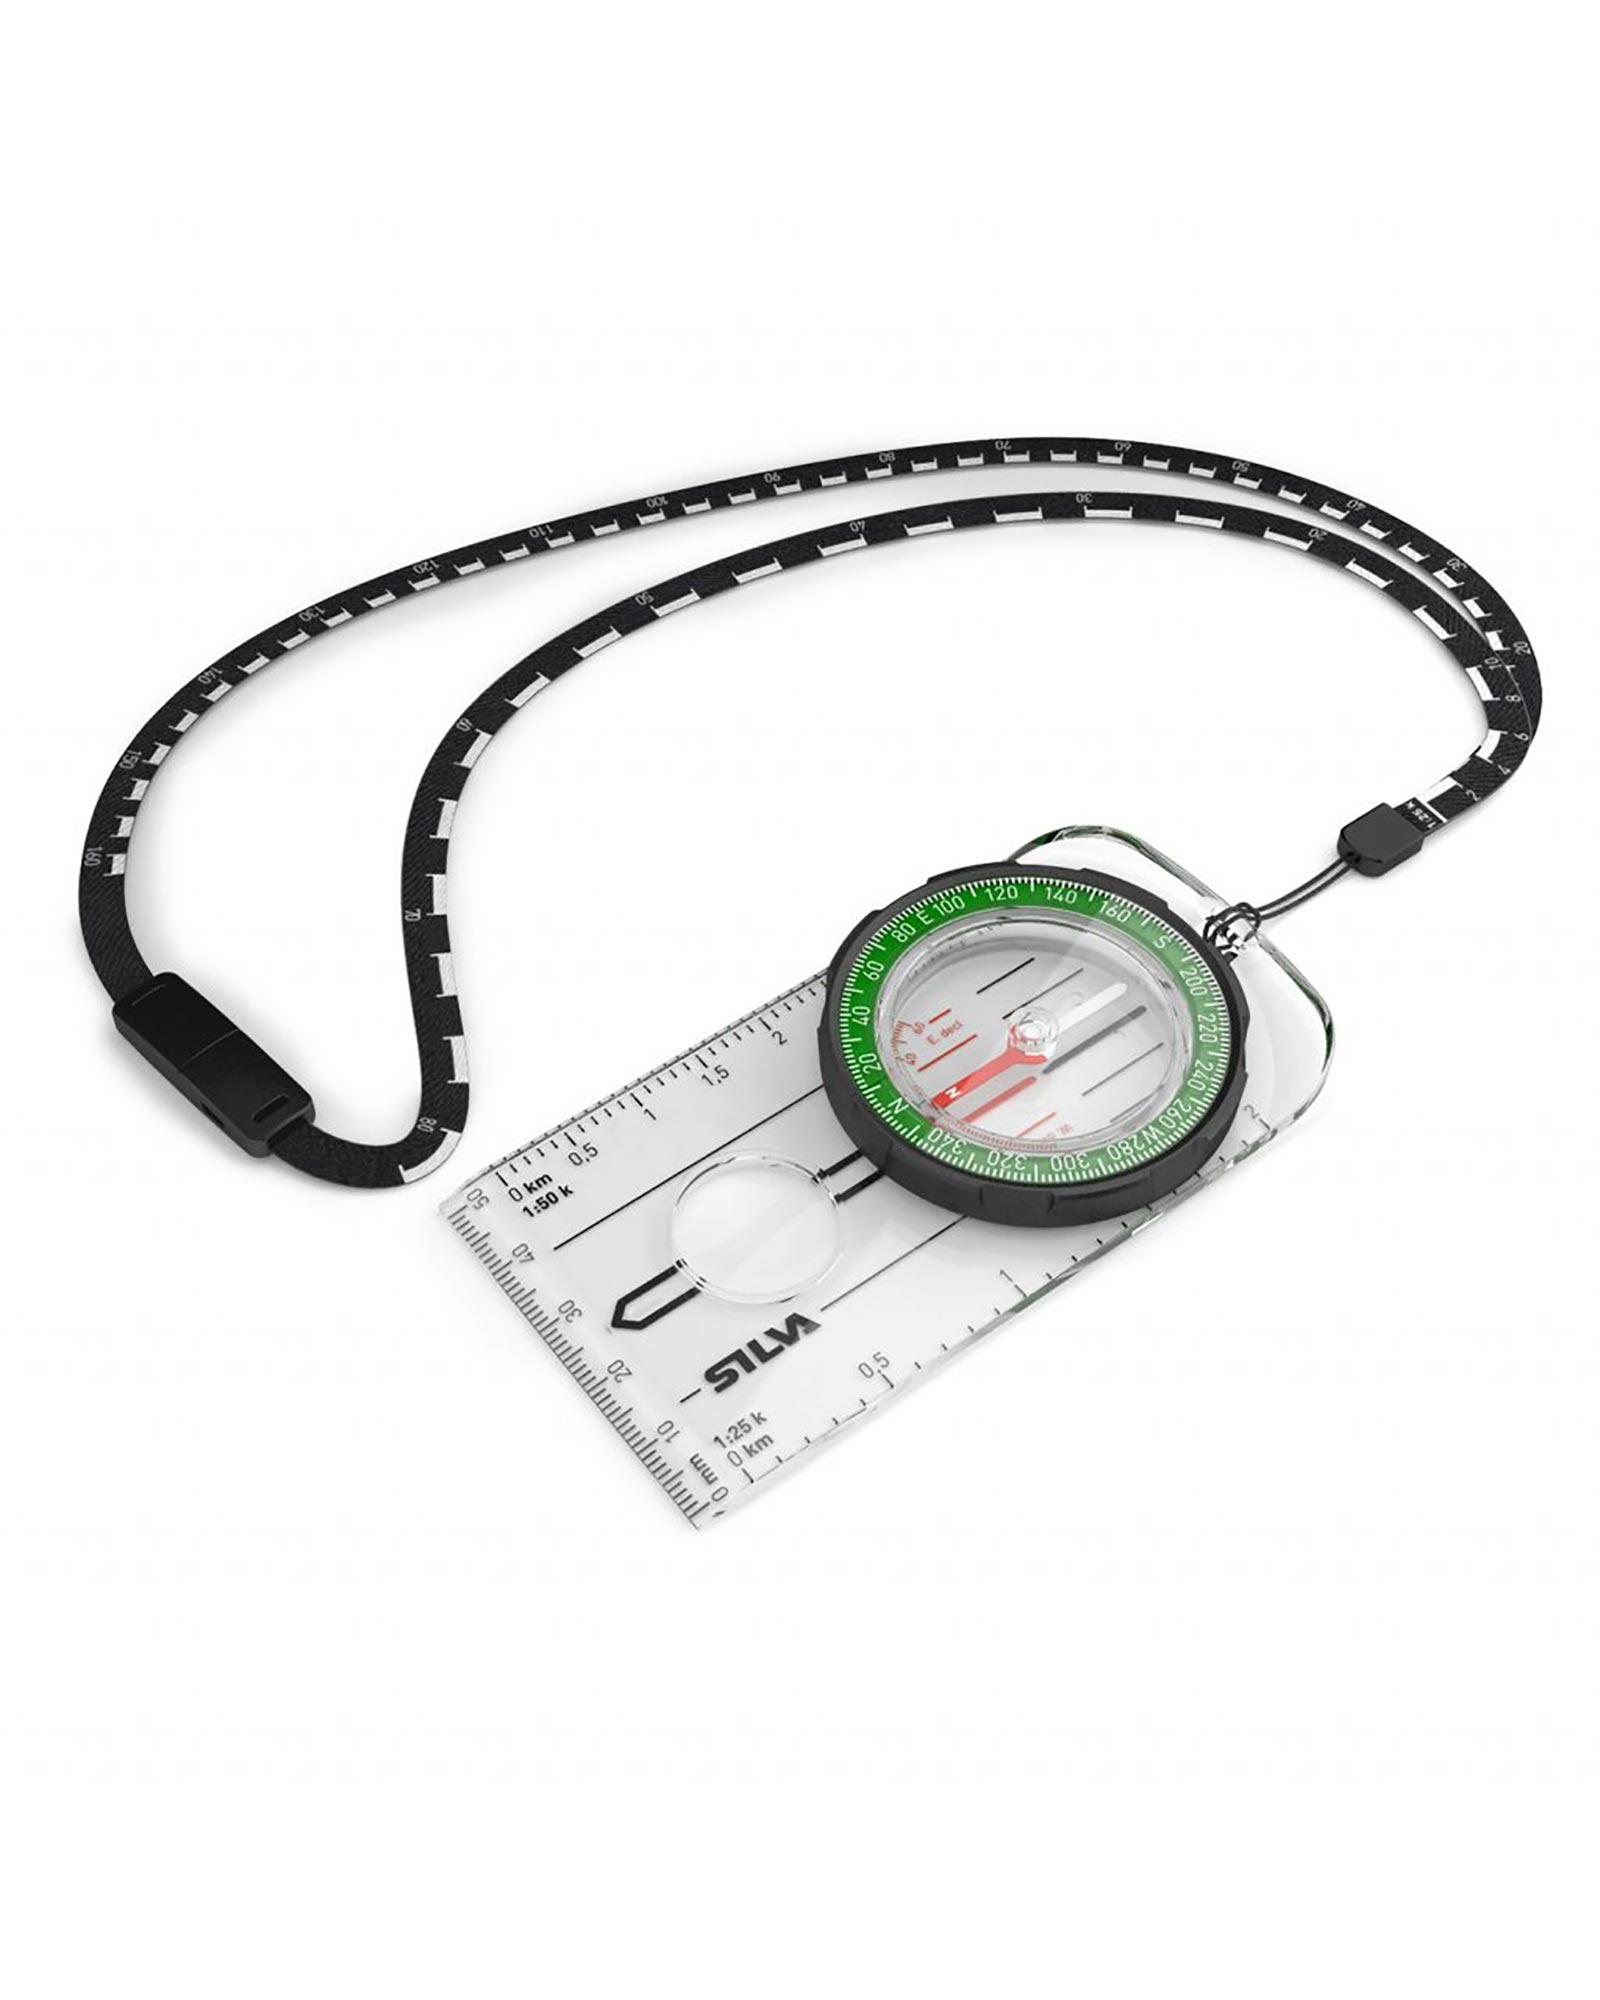 Silva Ranger Compass 0